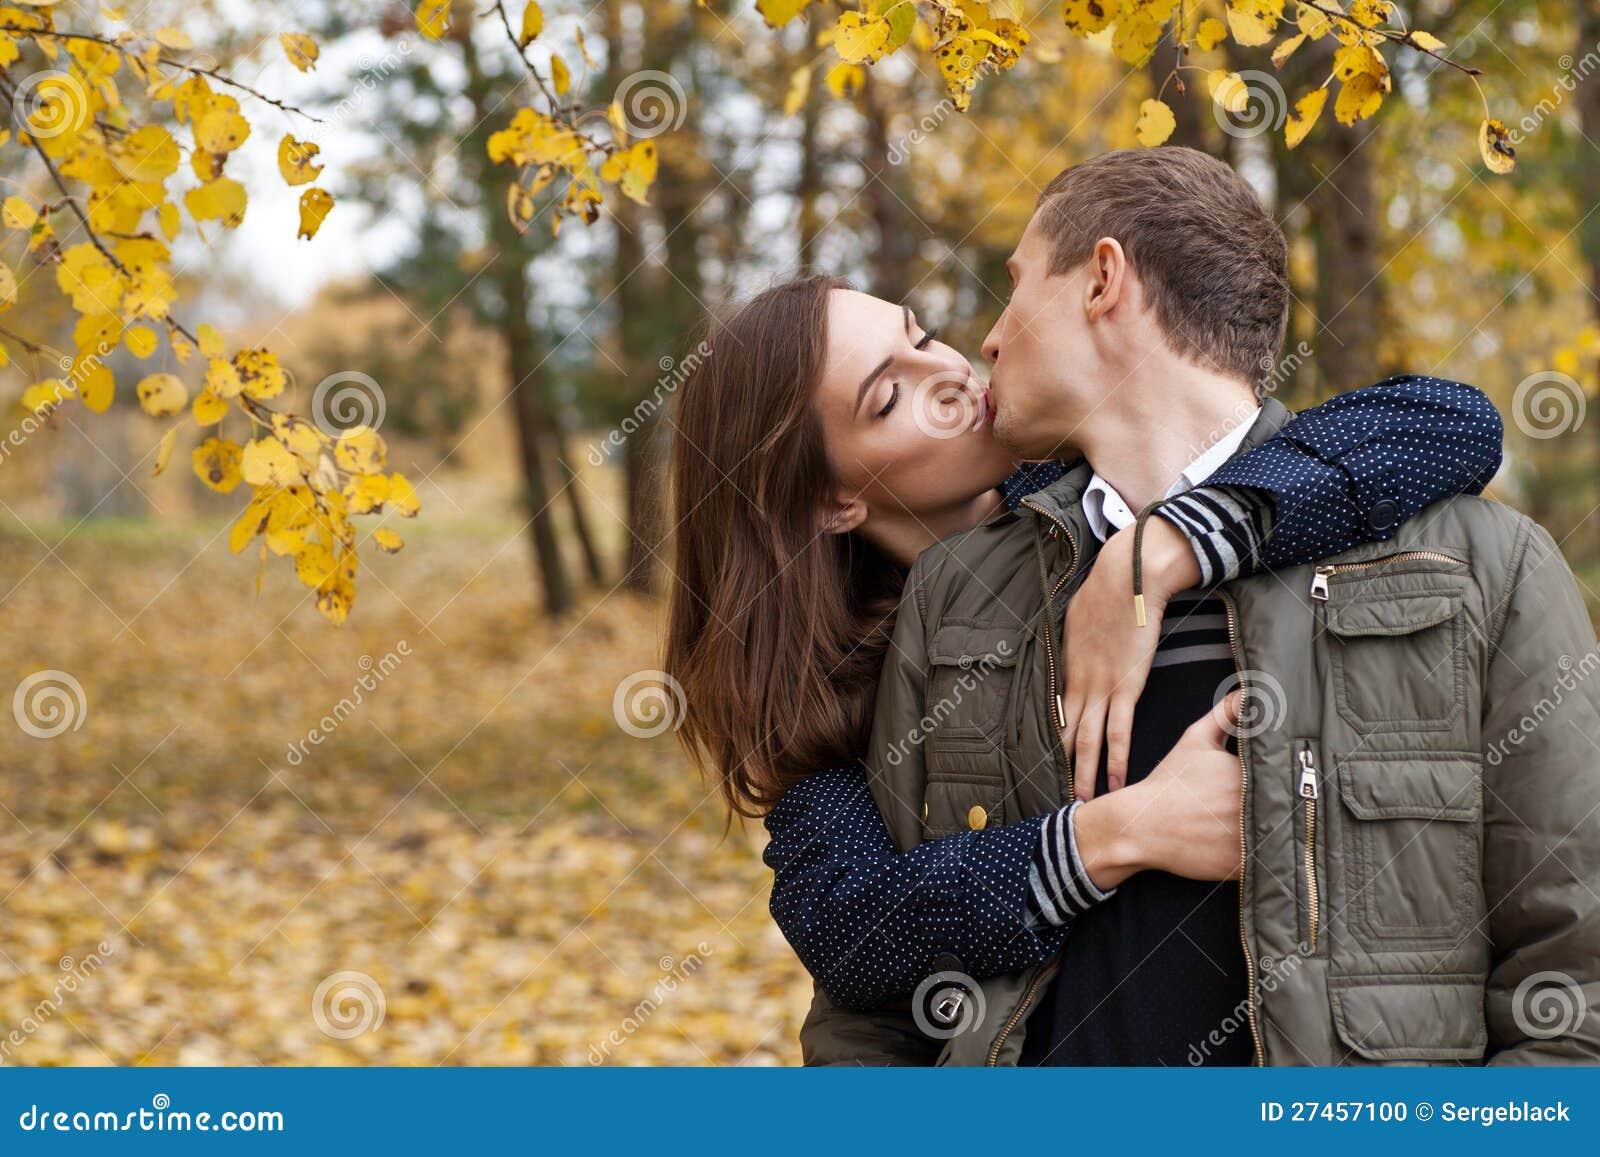 dating een jongere meisje